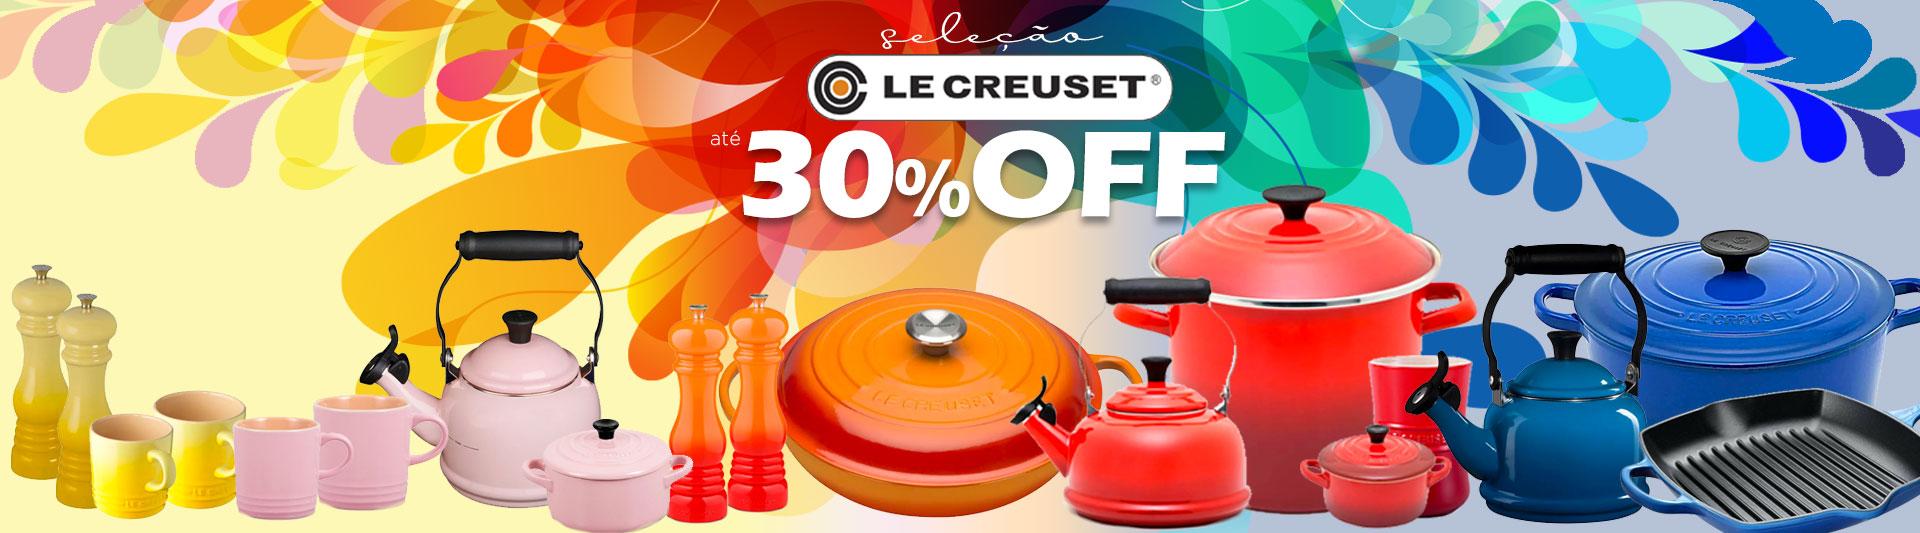 Color Le Creuset - Desk